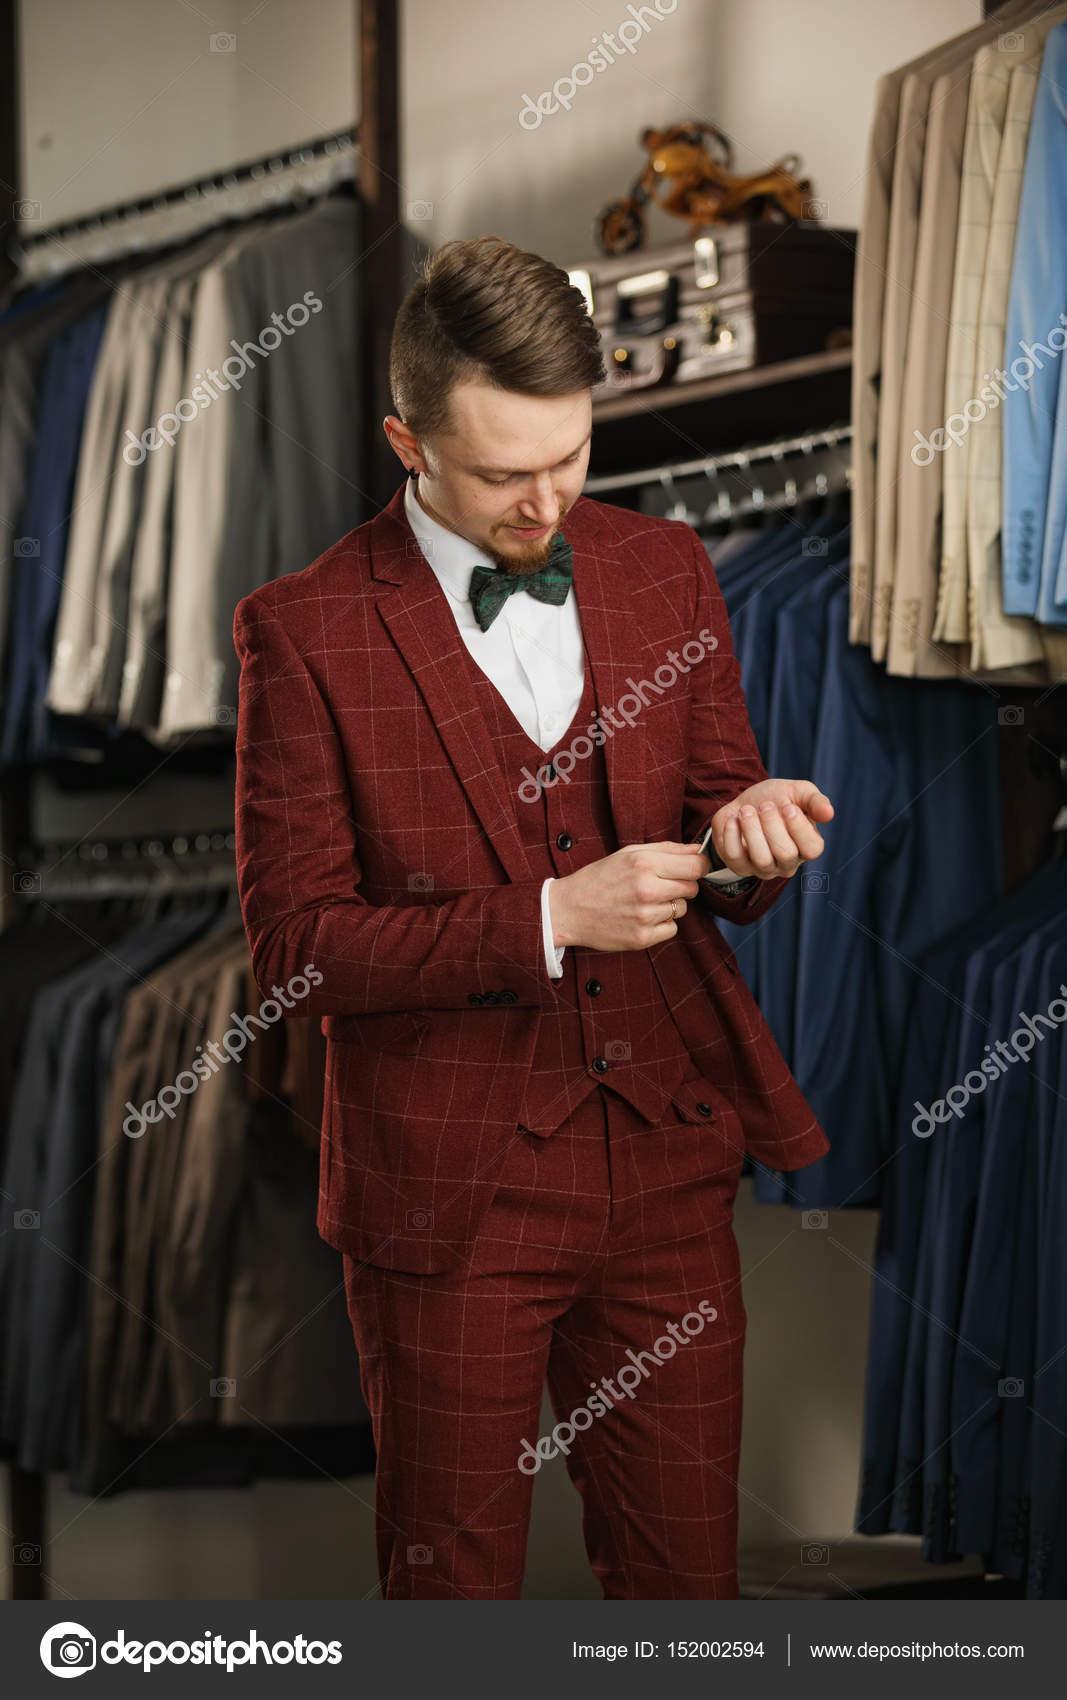 Όμορφος γενειοφόρος επιχειρηματία στο κλασικό κοστούμι. Ο άνθρωπος στο  κλασικό γιλέκο κατά σειρά ταιριάζει στο μαγαζί. Διαφημιστική φωτογραφία —  Εικόνα από ... 60939ce6aea